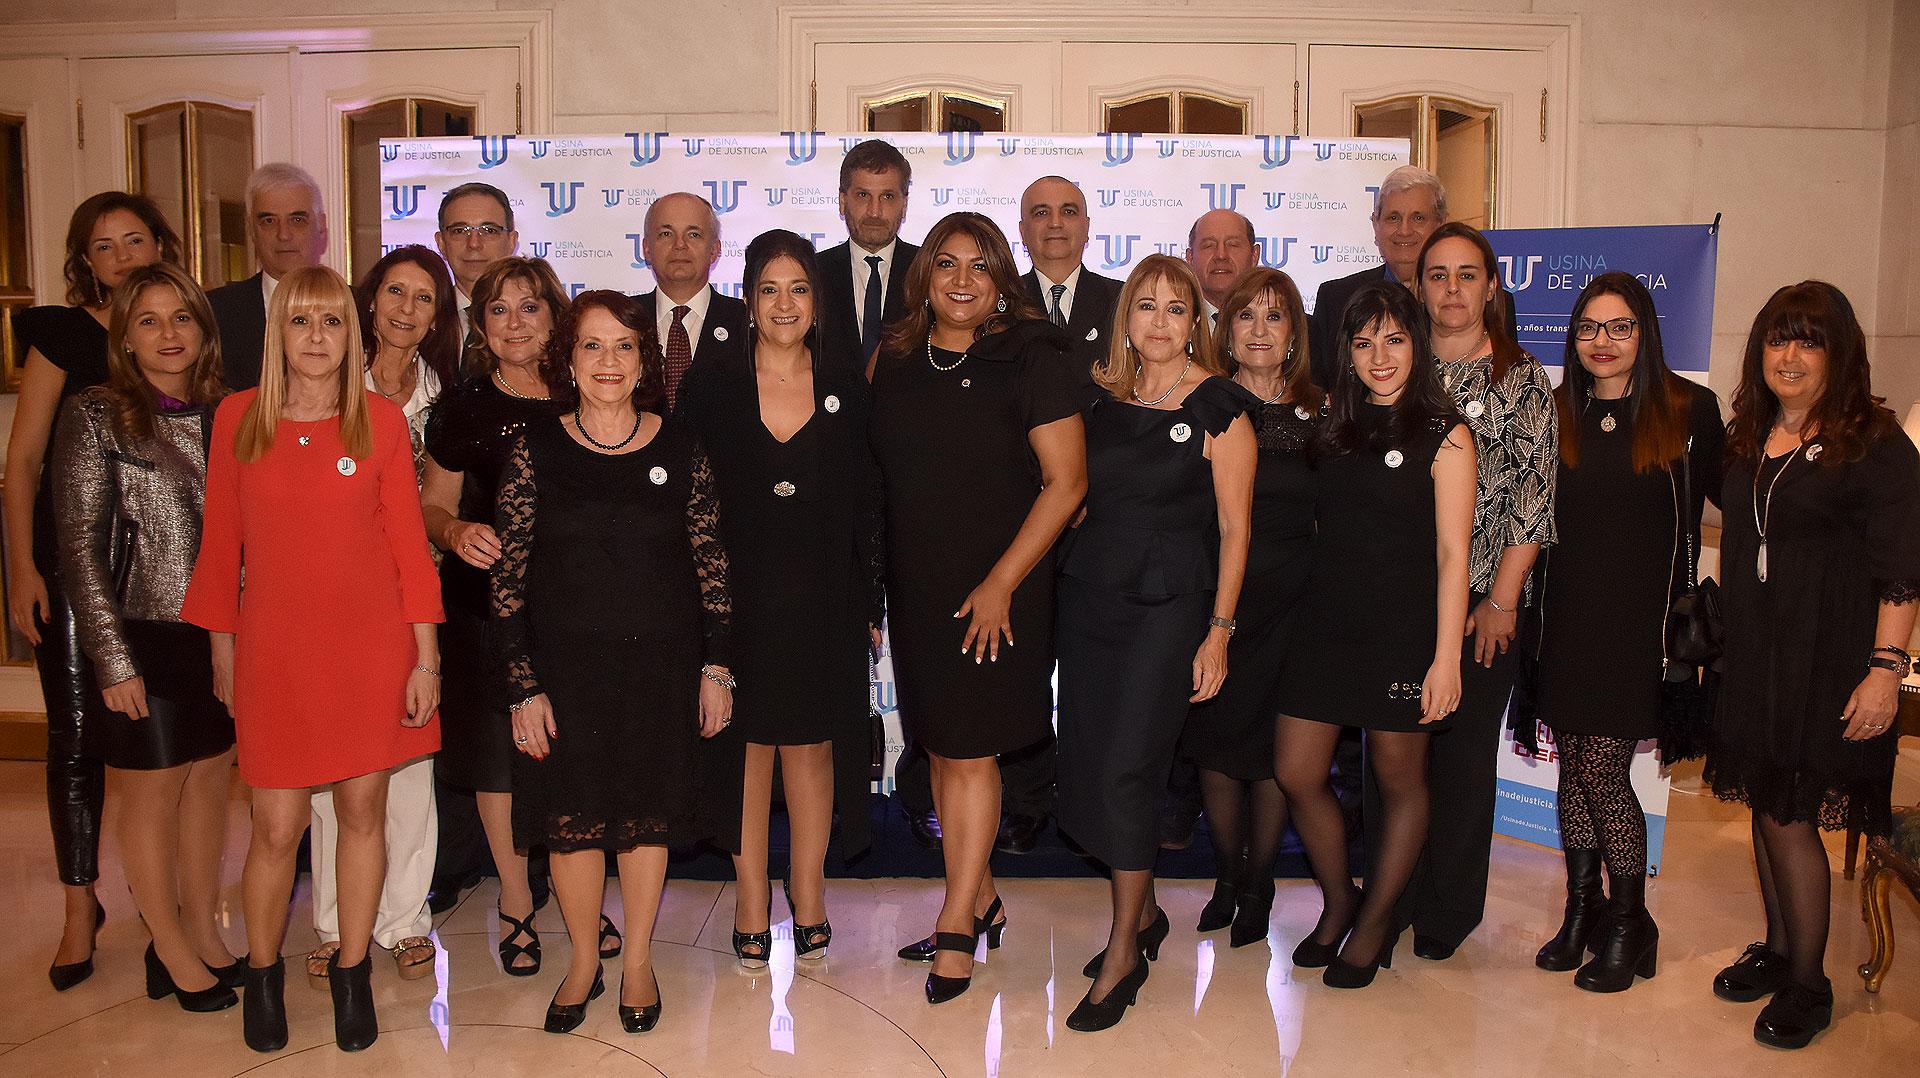 El equipo de Usina de Justicia se creó hace cinco años ya llevó contención a más de tres mil víctimas. Tiene como objetivo promover políticas públicas que fortalezcan la justicia y la seguridad en la Argentina